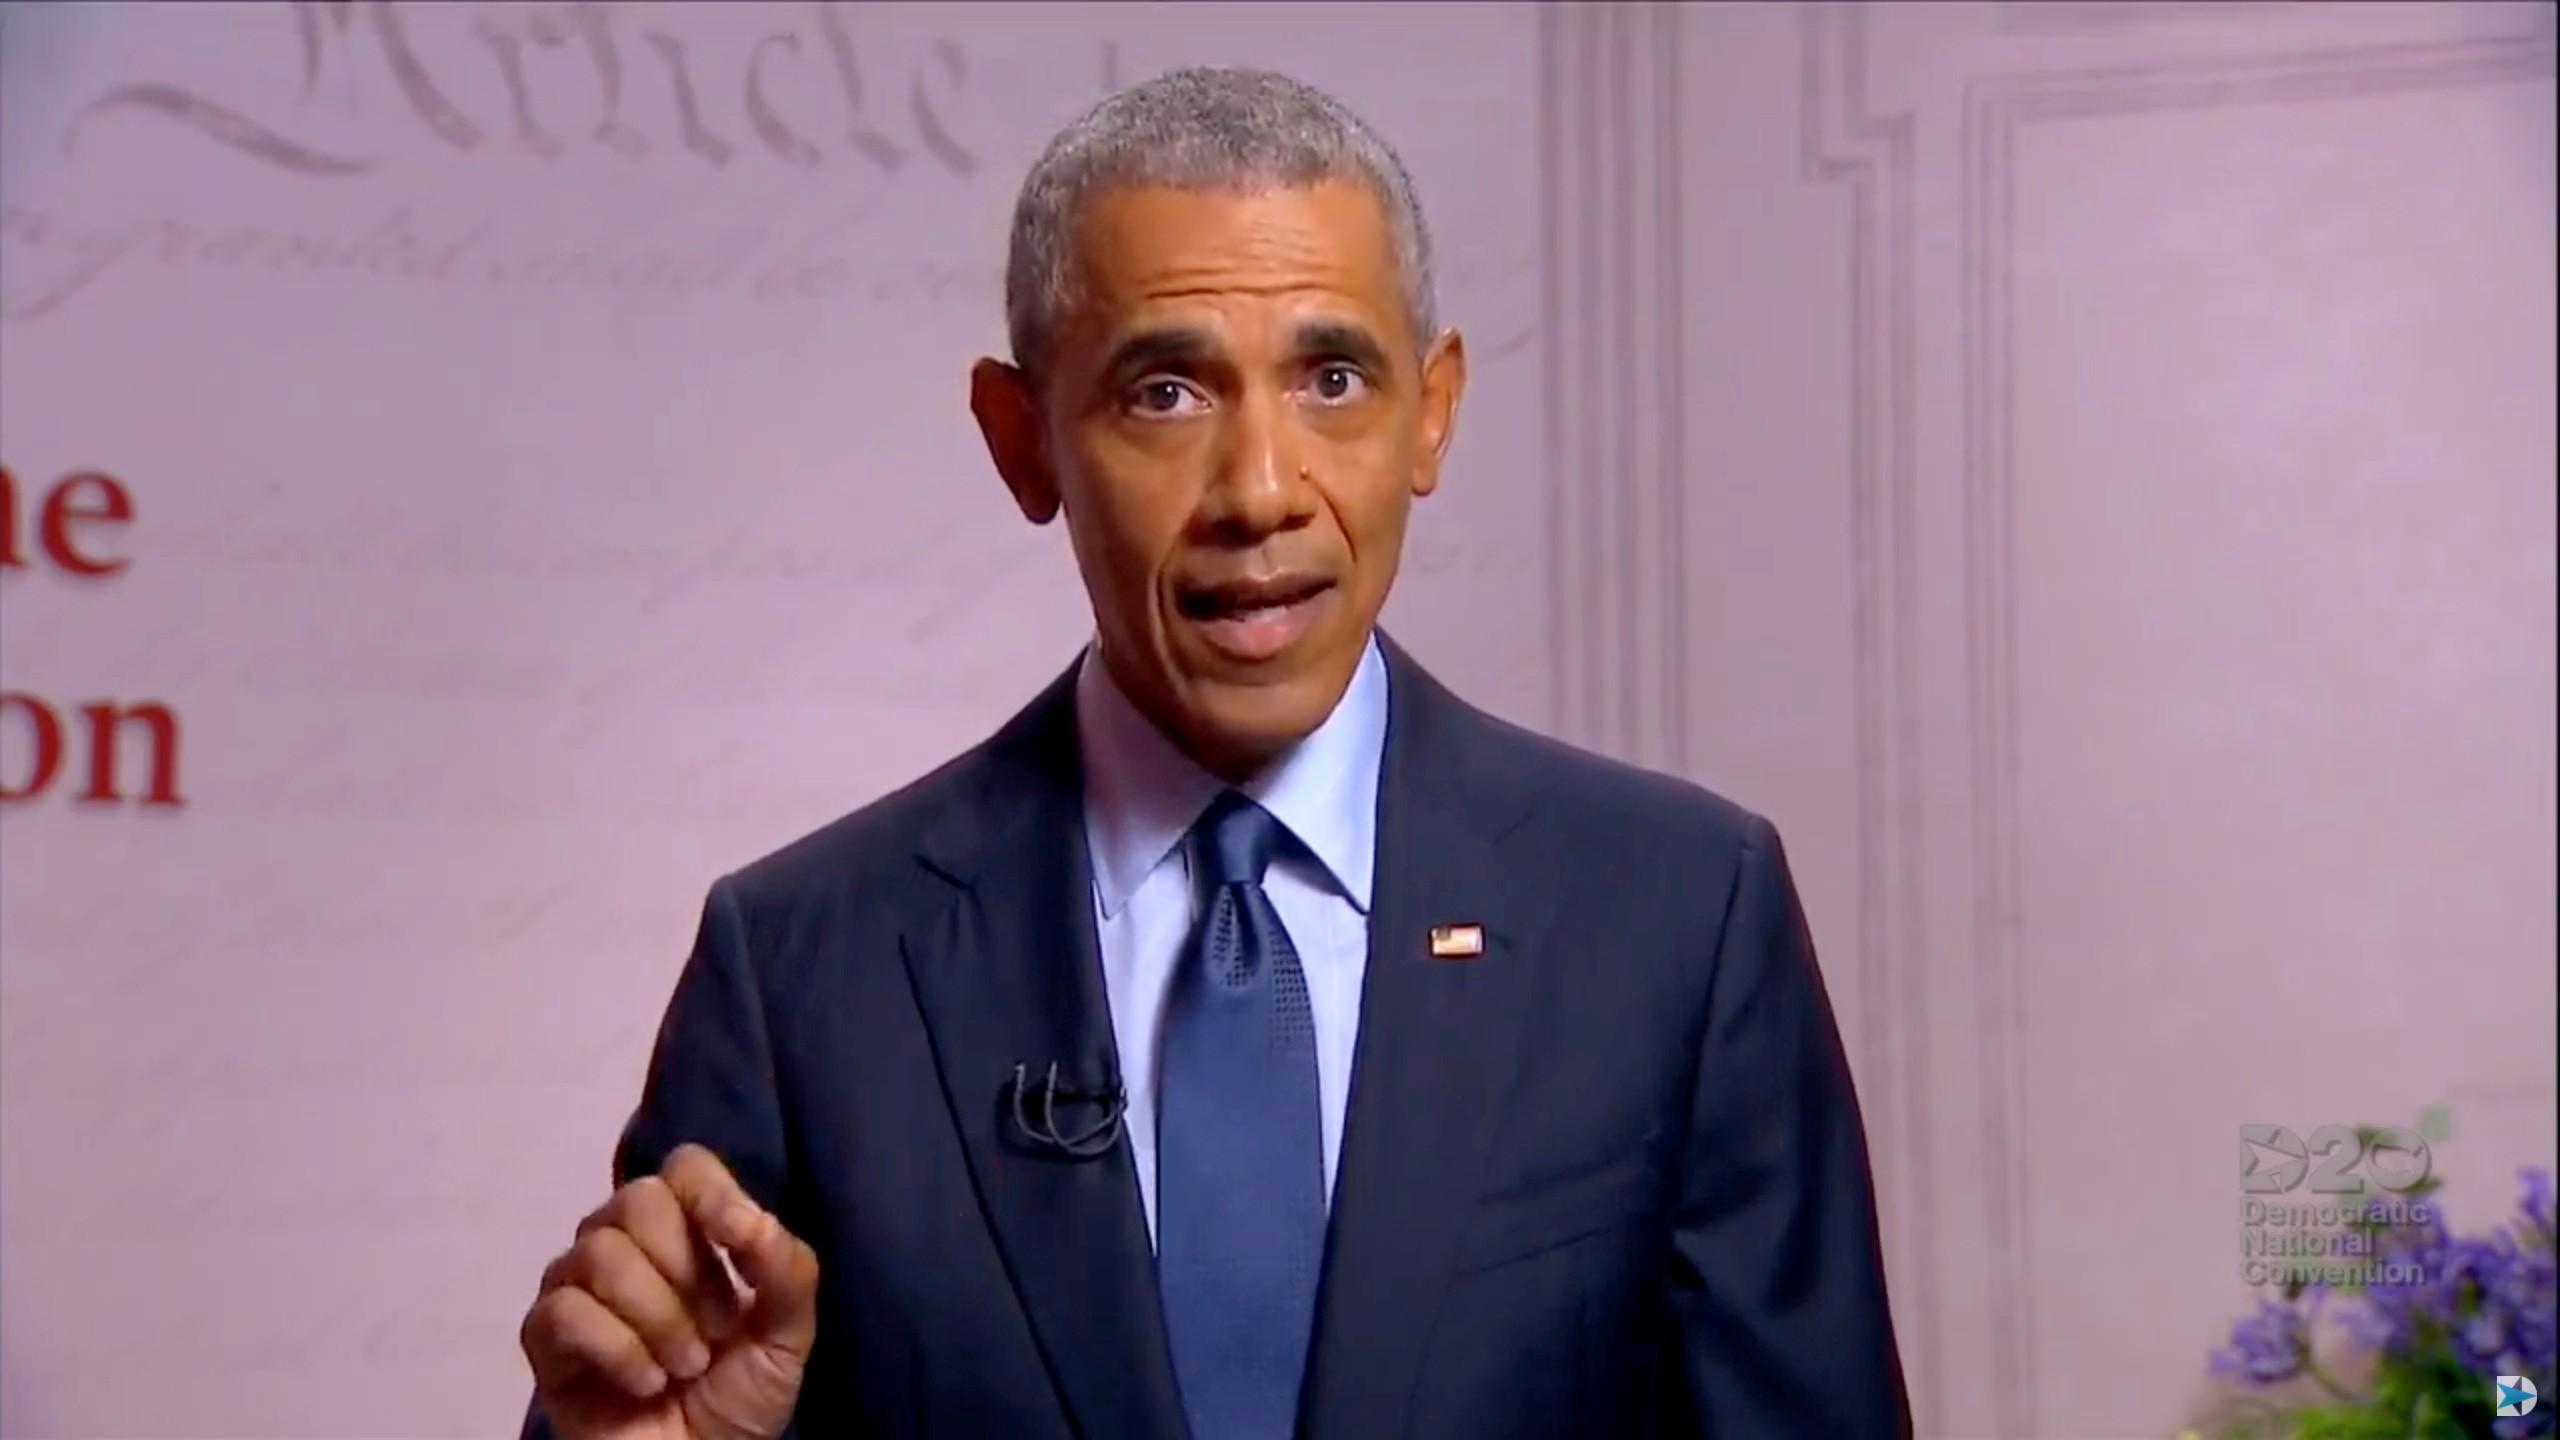 Após manter-se discreto, Obama estreará em campanha de Biden à Casa Branca